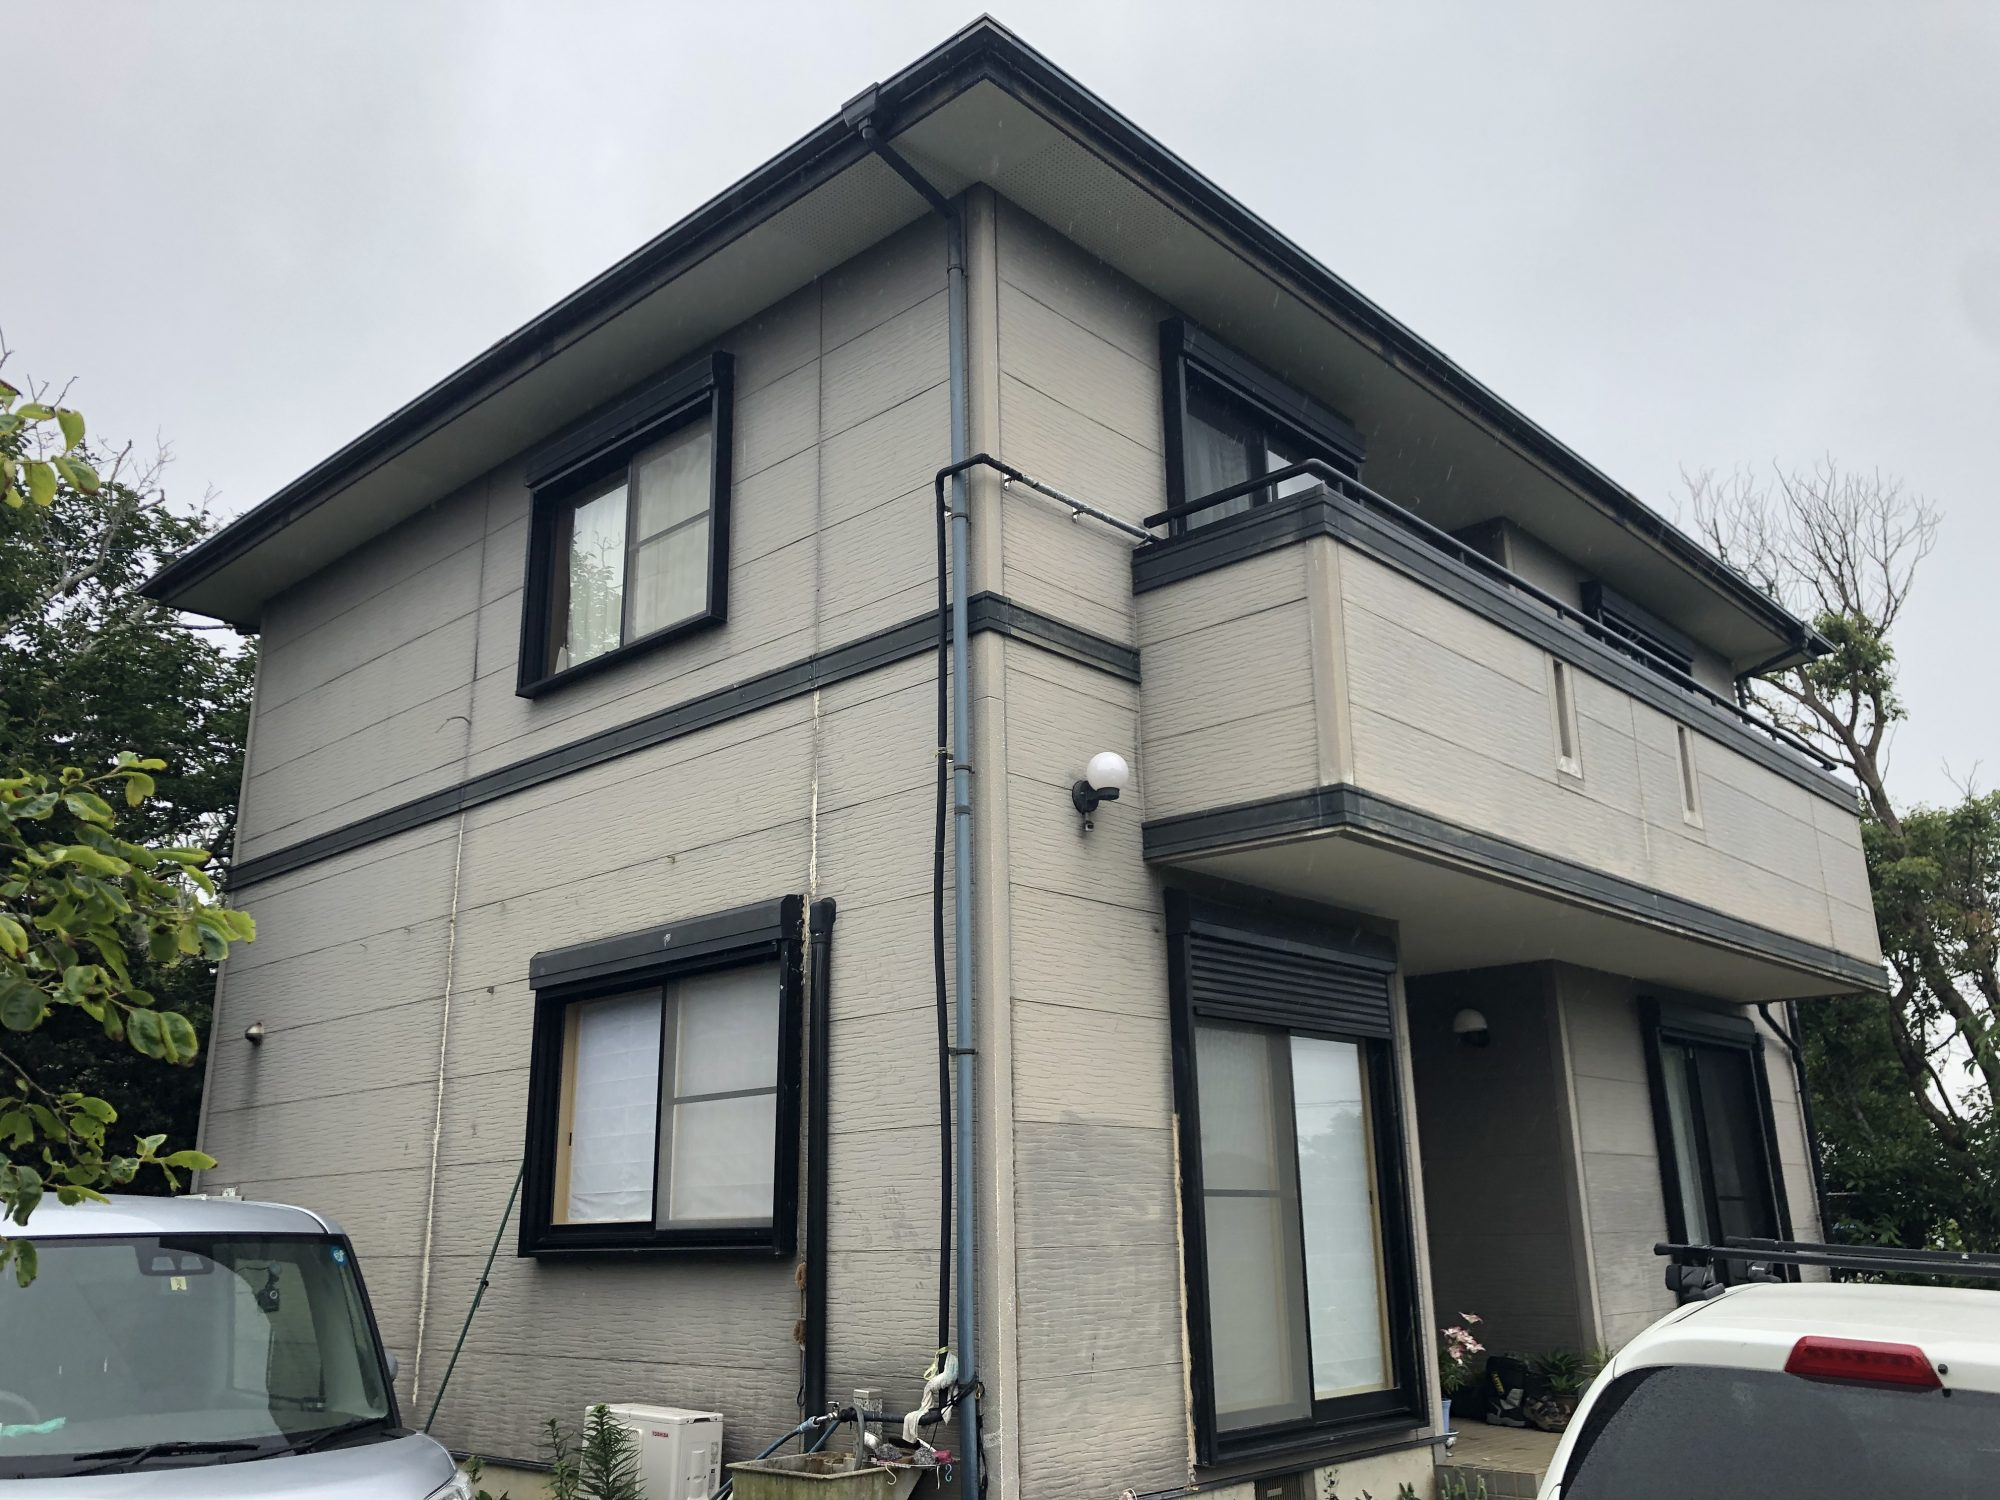 銚子市K様邸屋根外壁塗装工事 Before